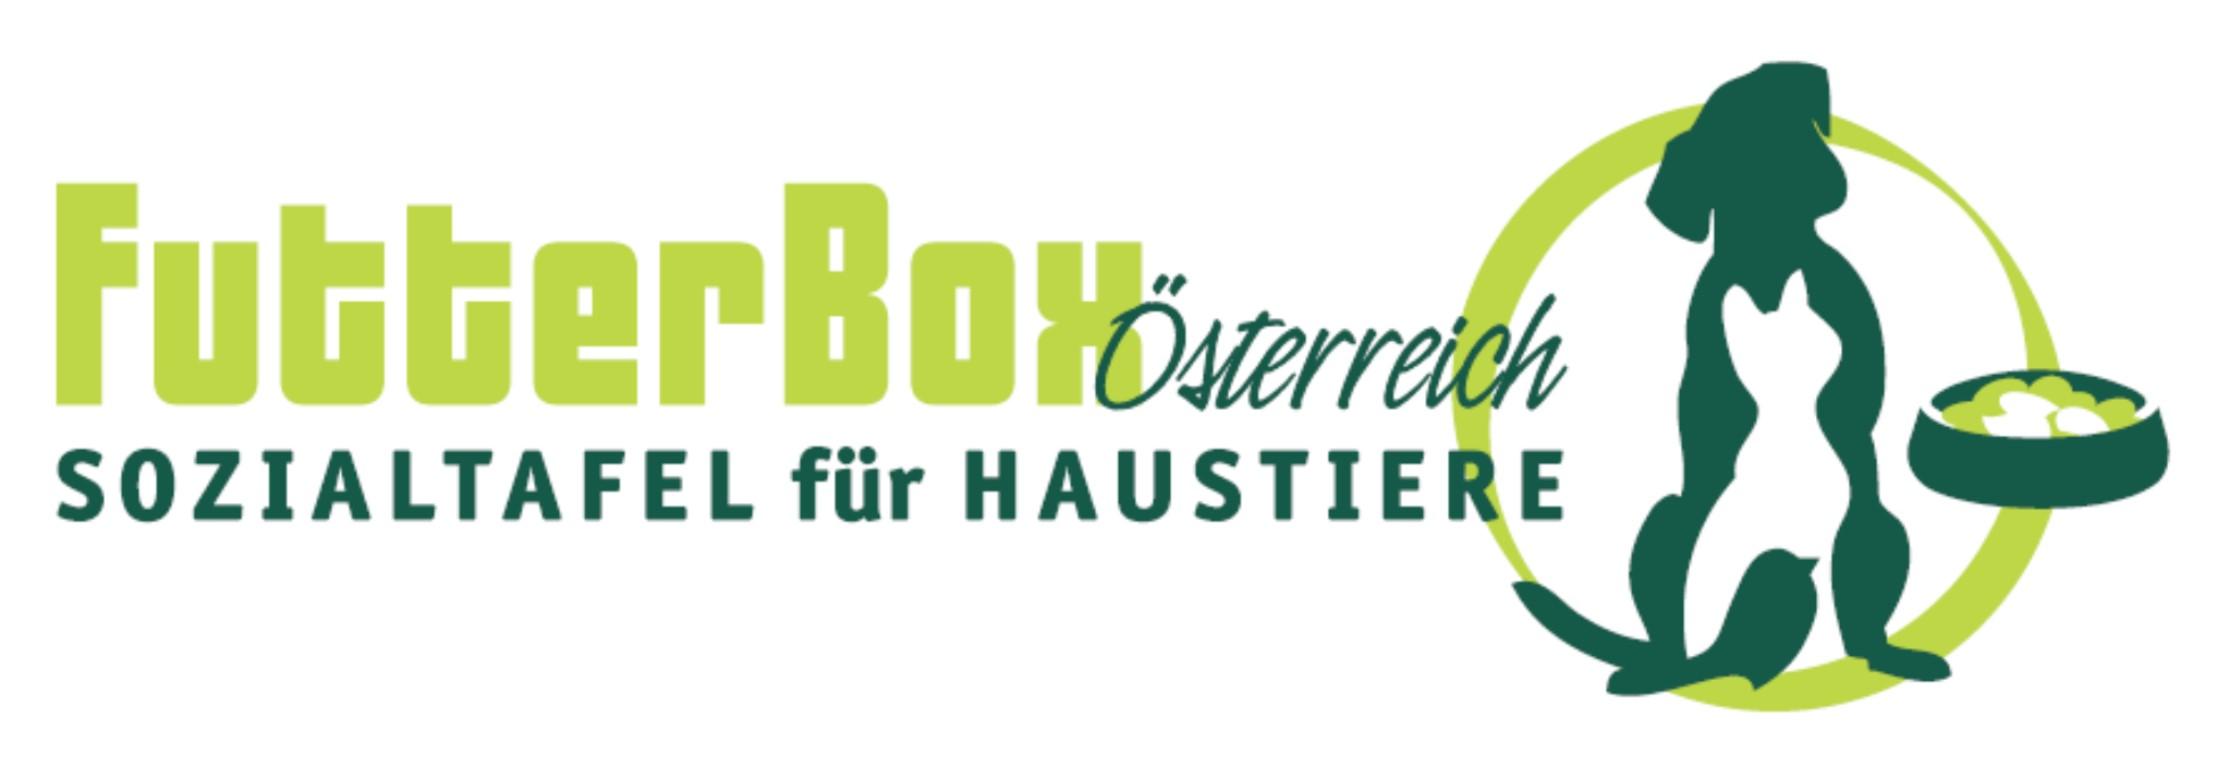 Futterbox Österreich –Sozialtafel für Haustiere